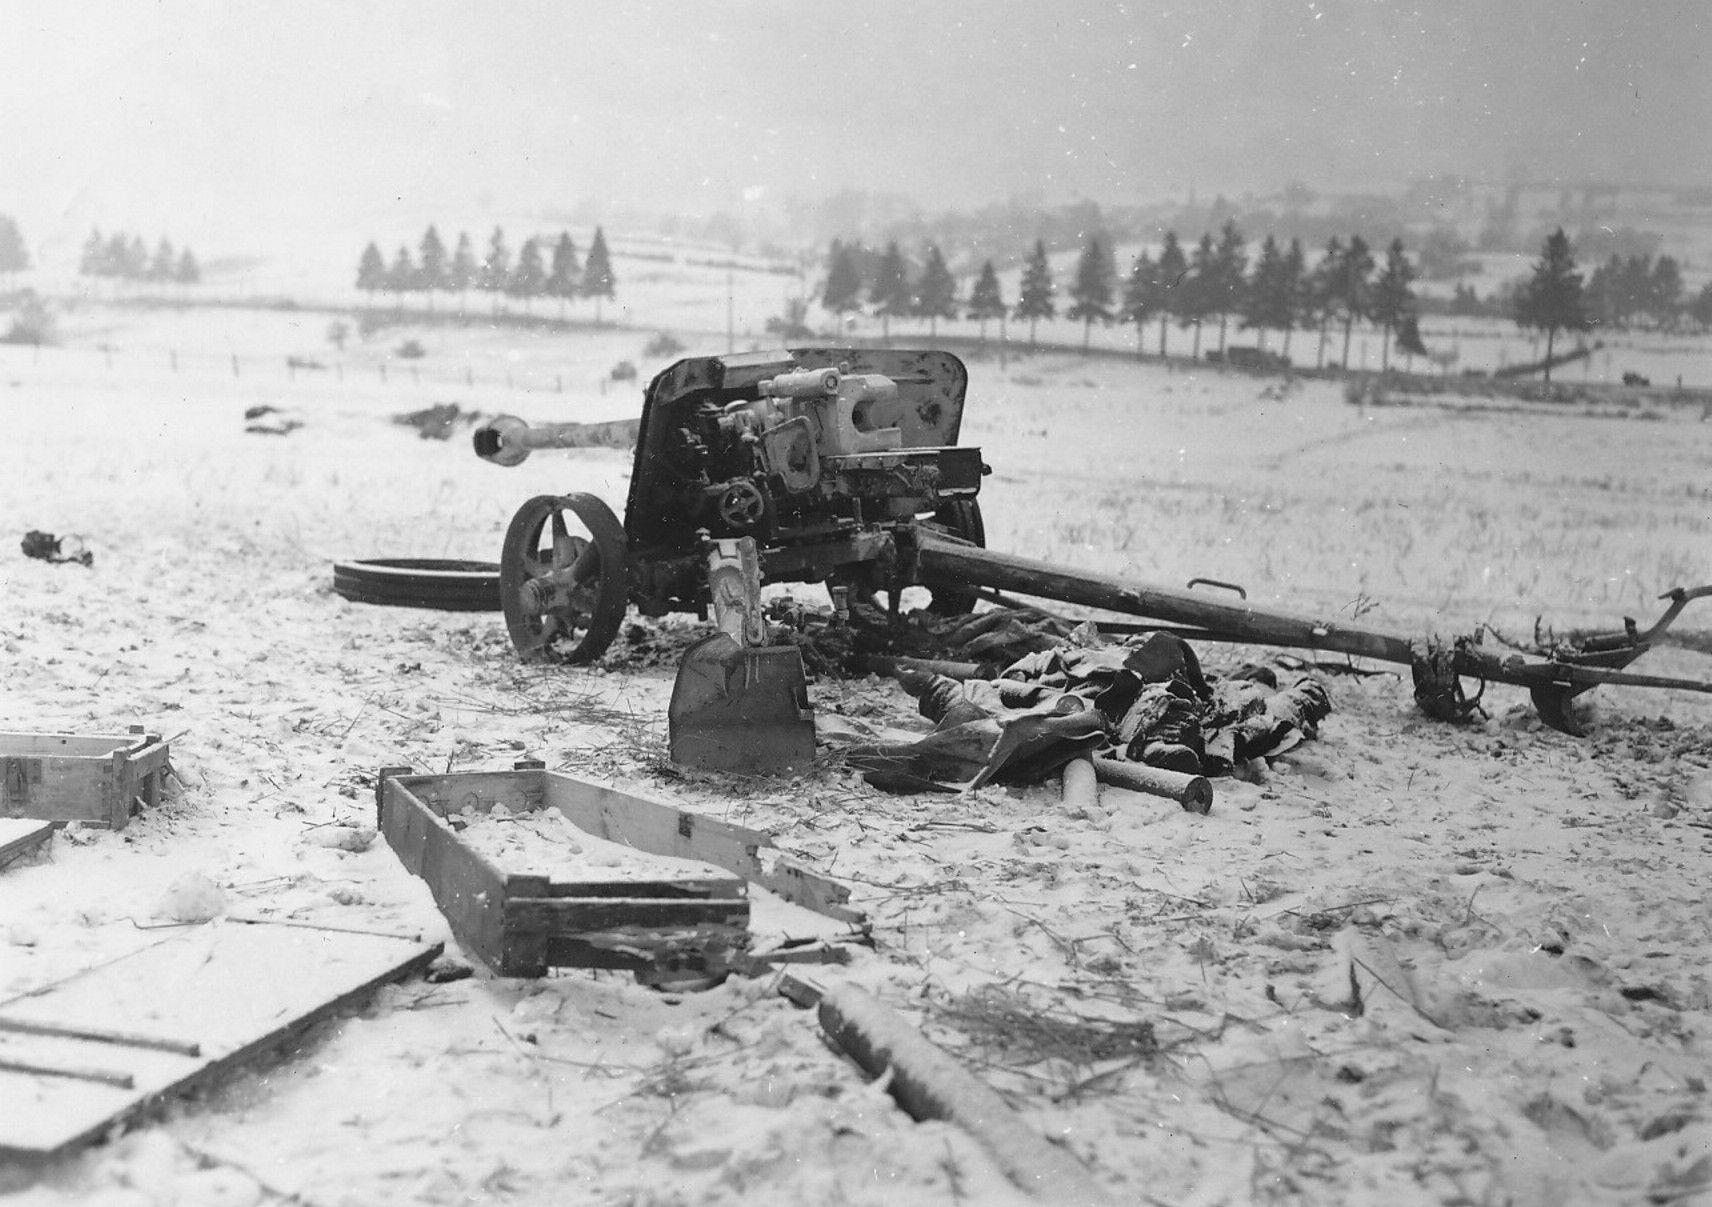 German 50 Mm Anti Tank Gun: Mabompre, Belgium, Jan 17, 1945: A German PaK 40 75mm Anti